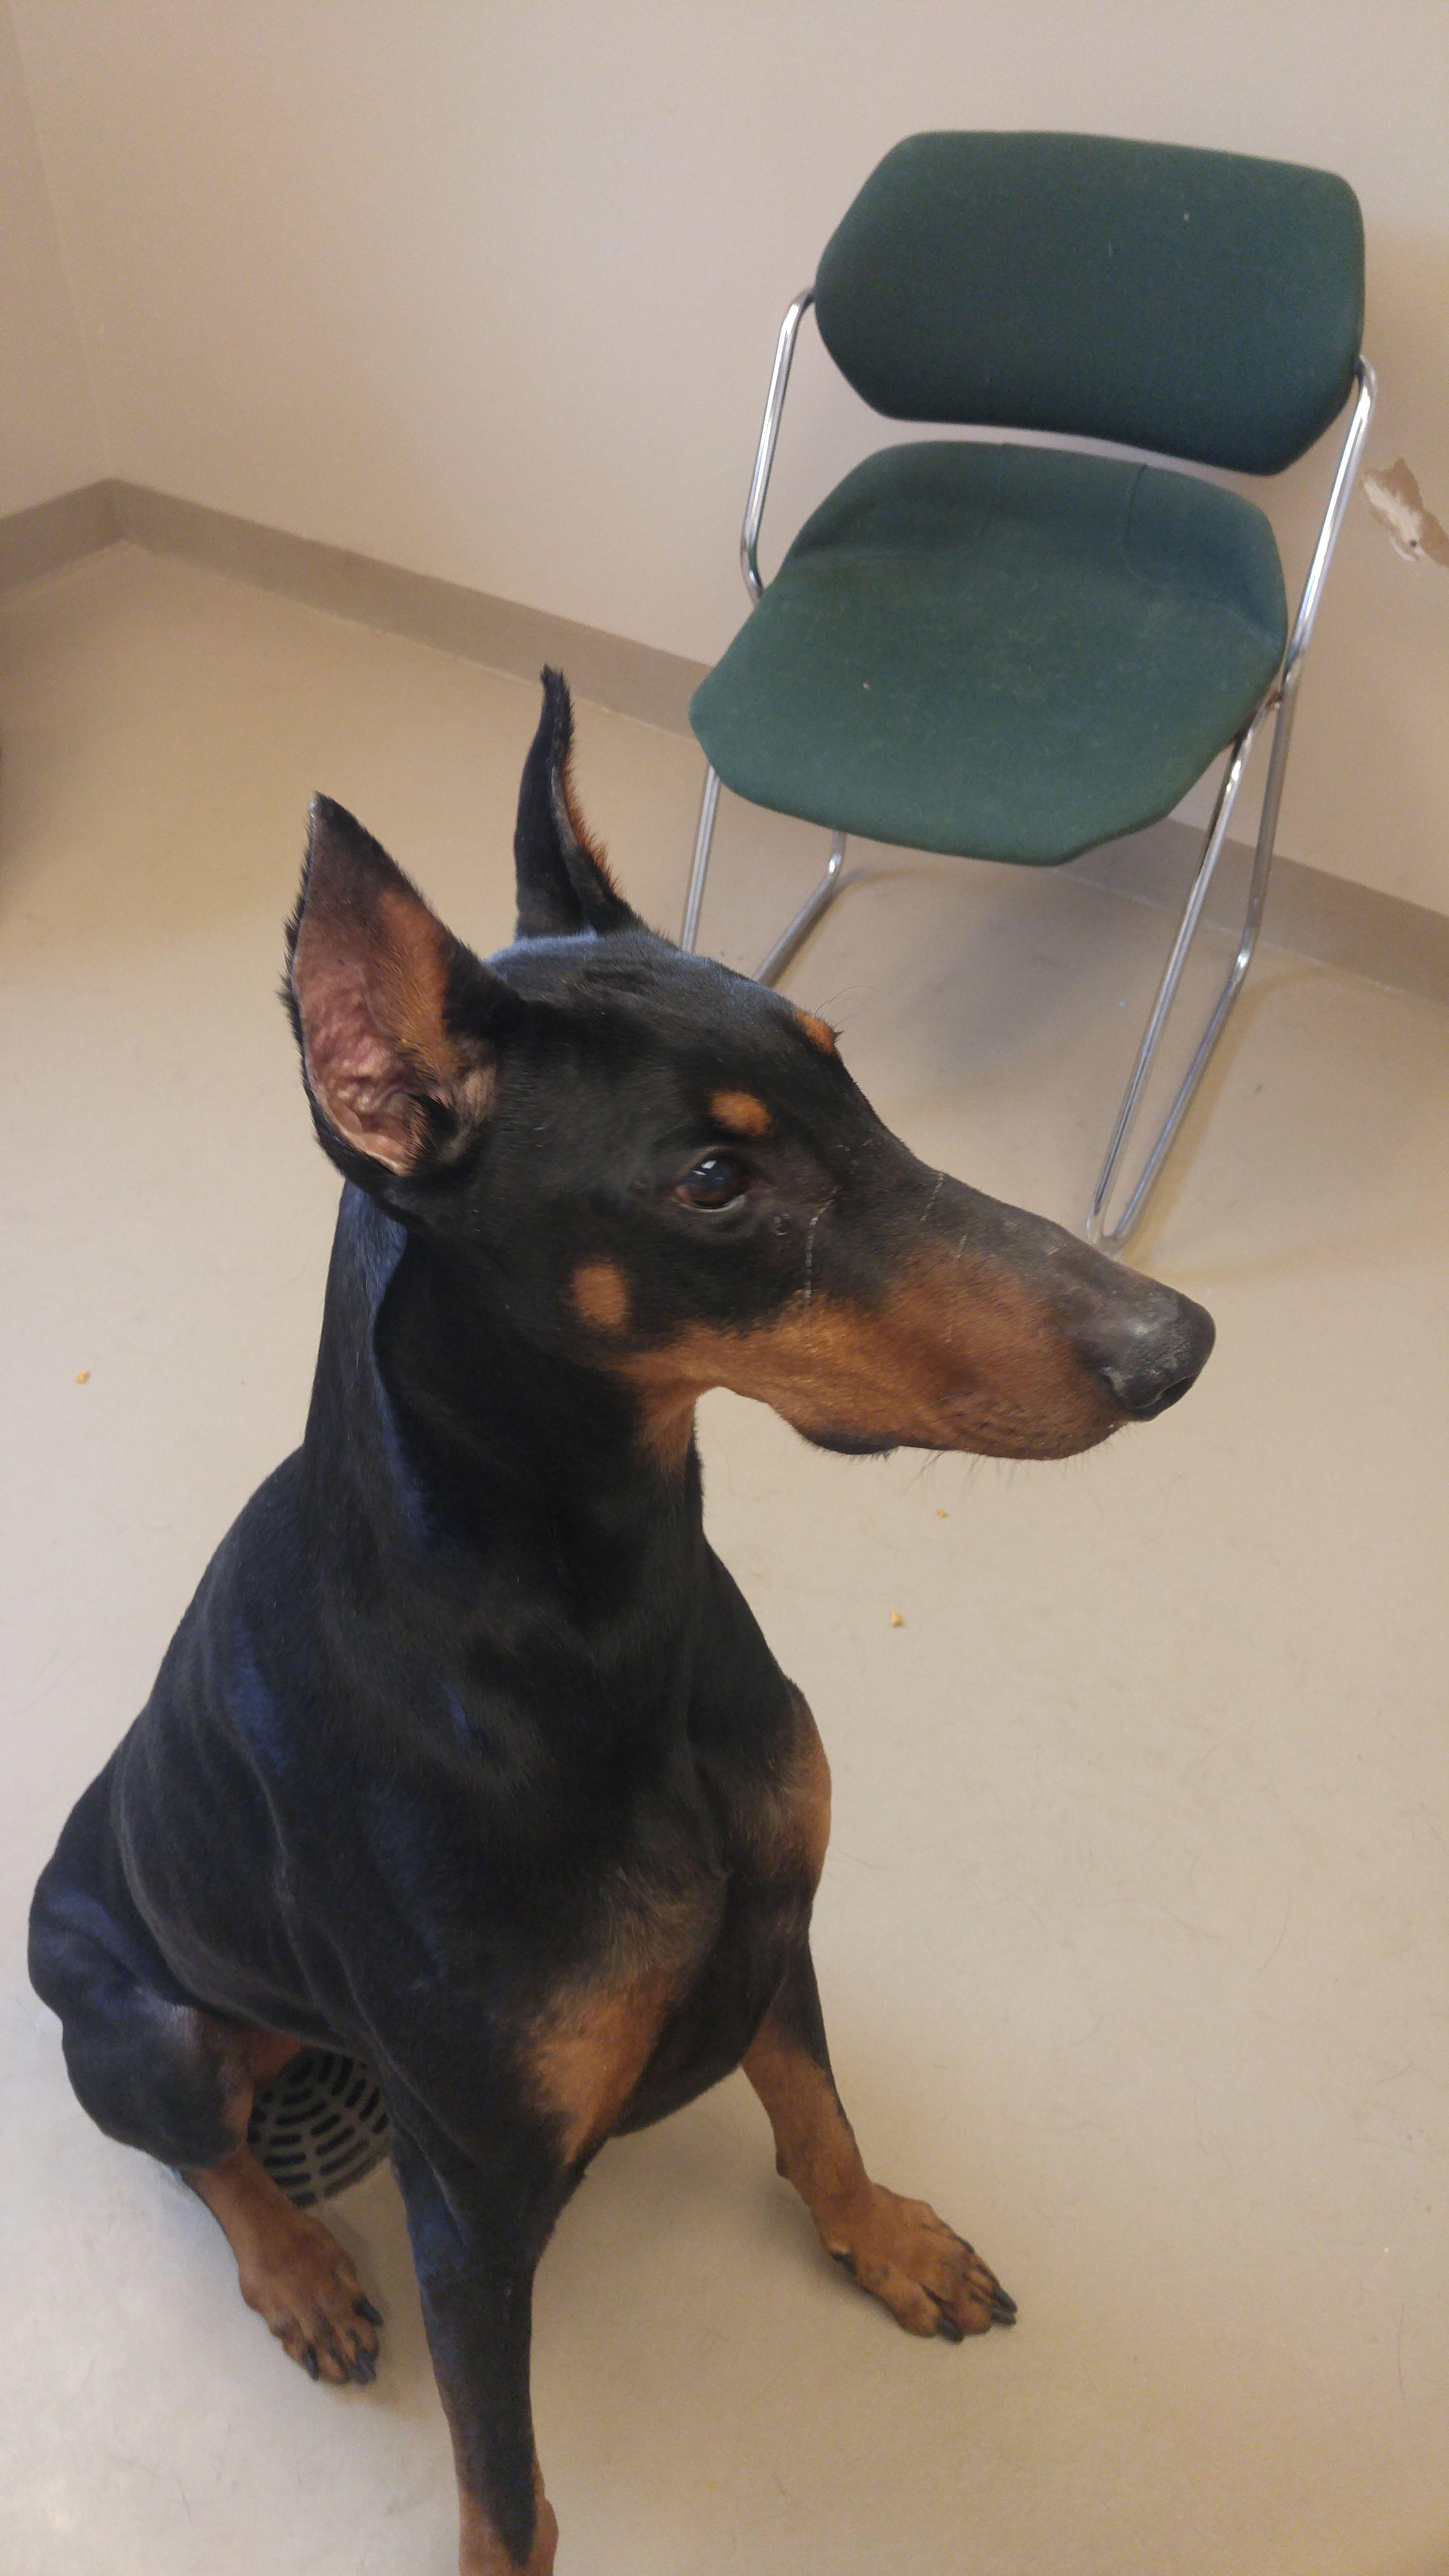 Doberman Pinscher dog for Adoption in Mishawaka, IN. ADN